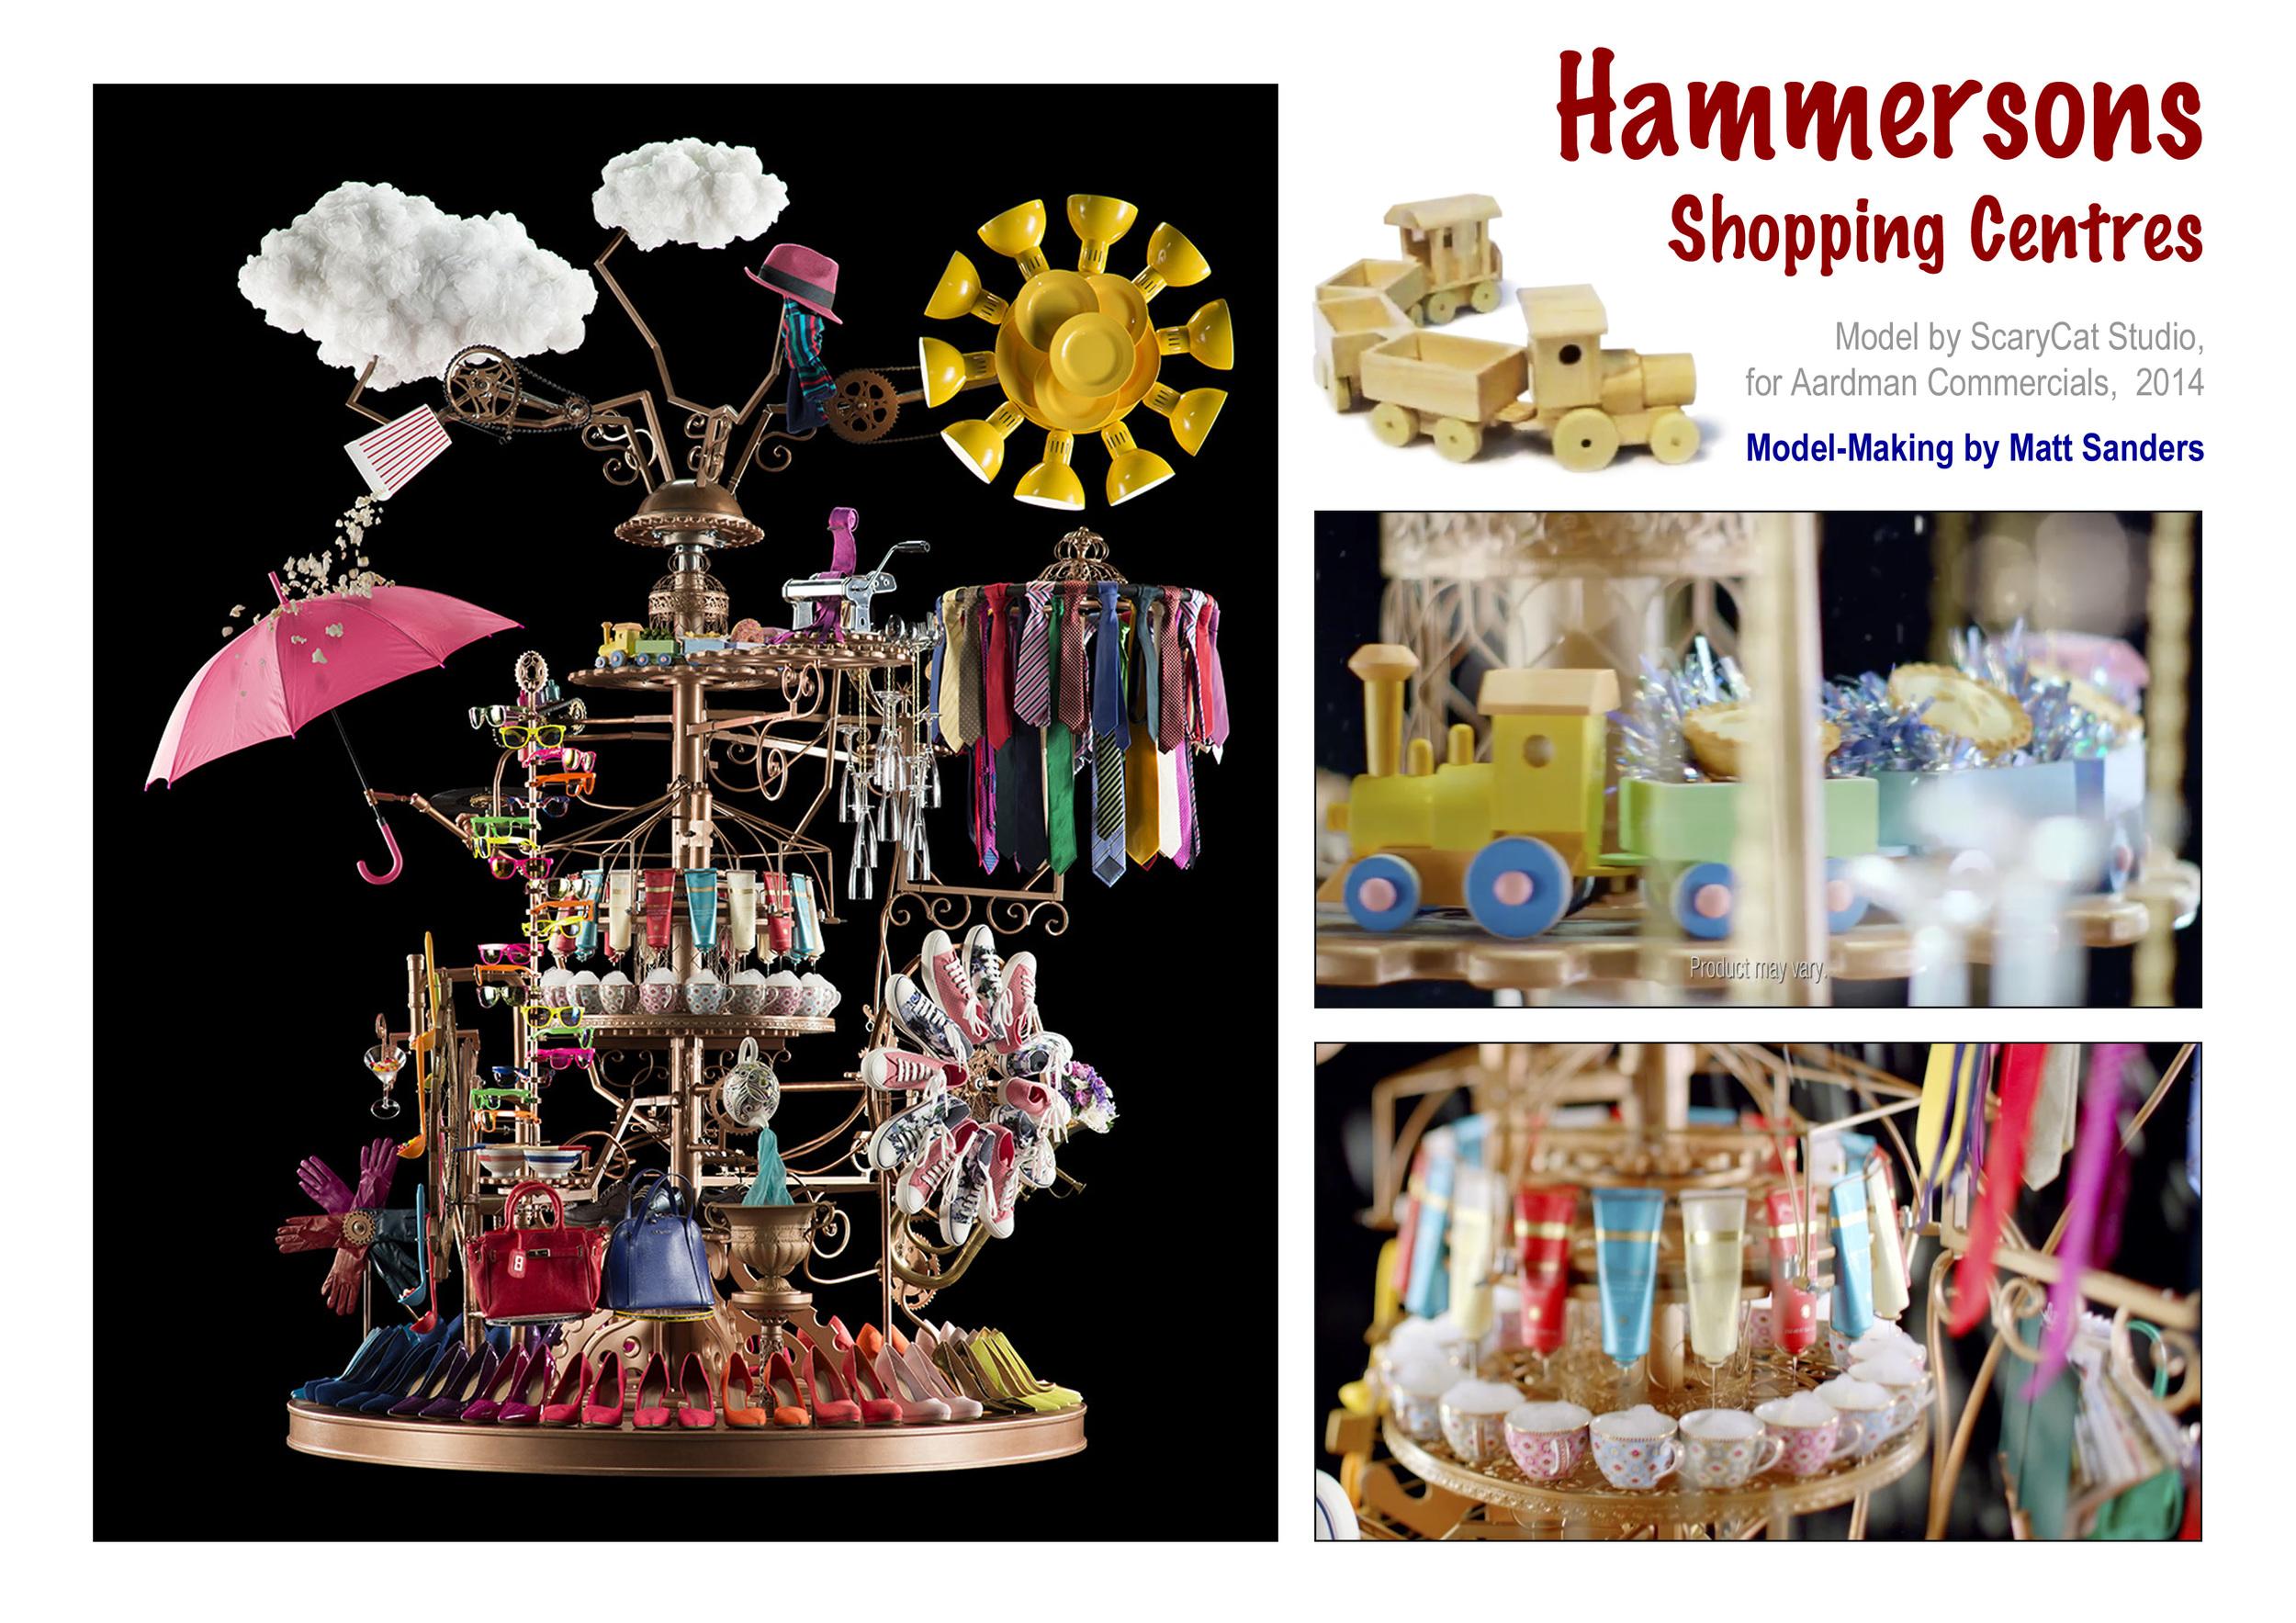 Hammersons Sheet.jpg